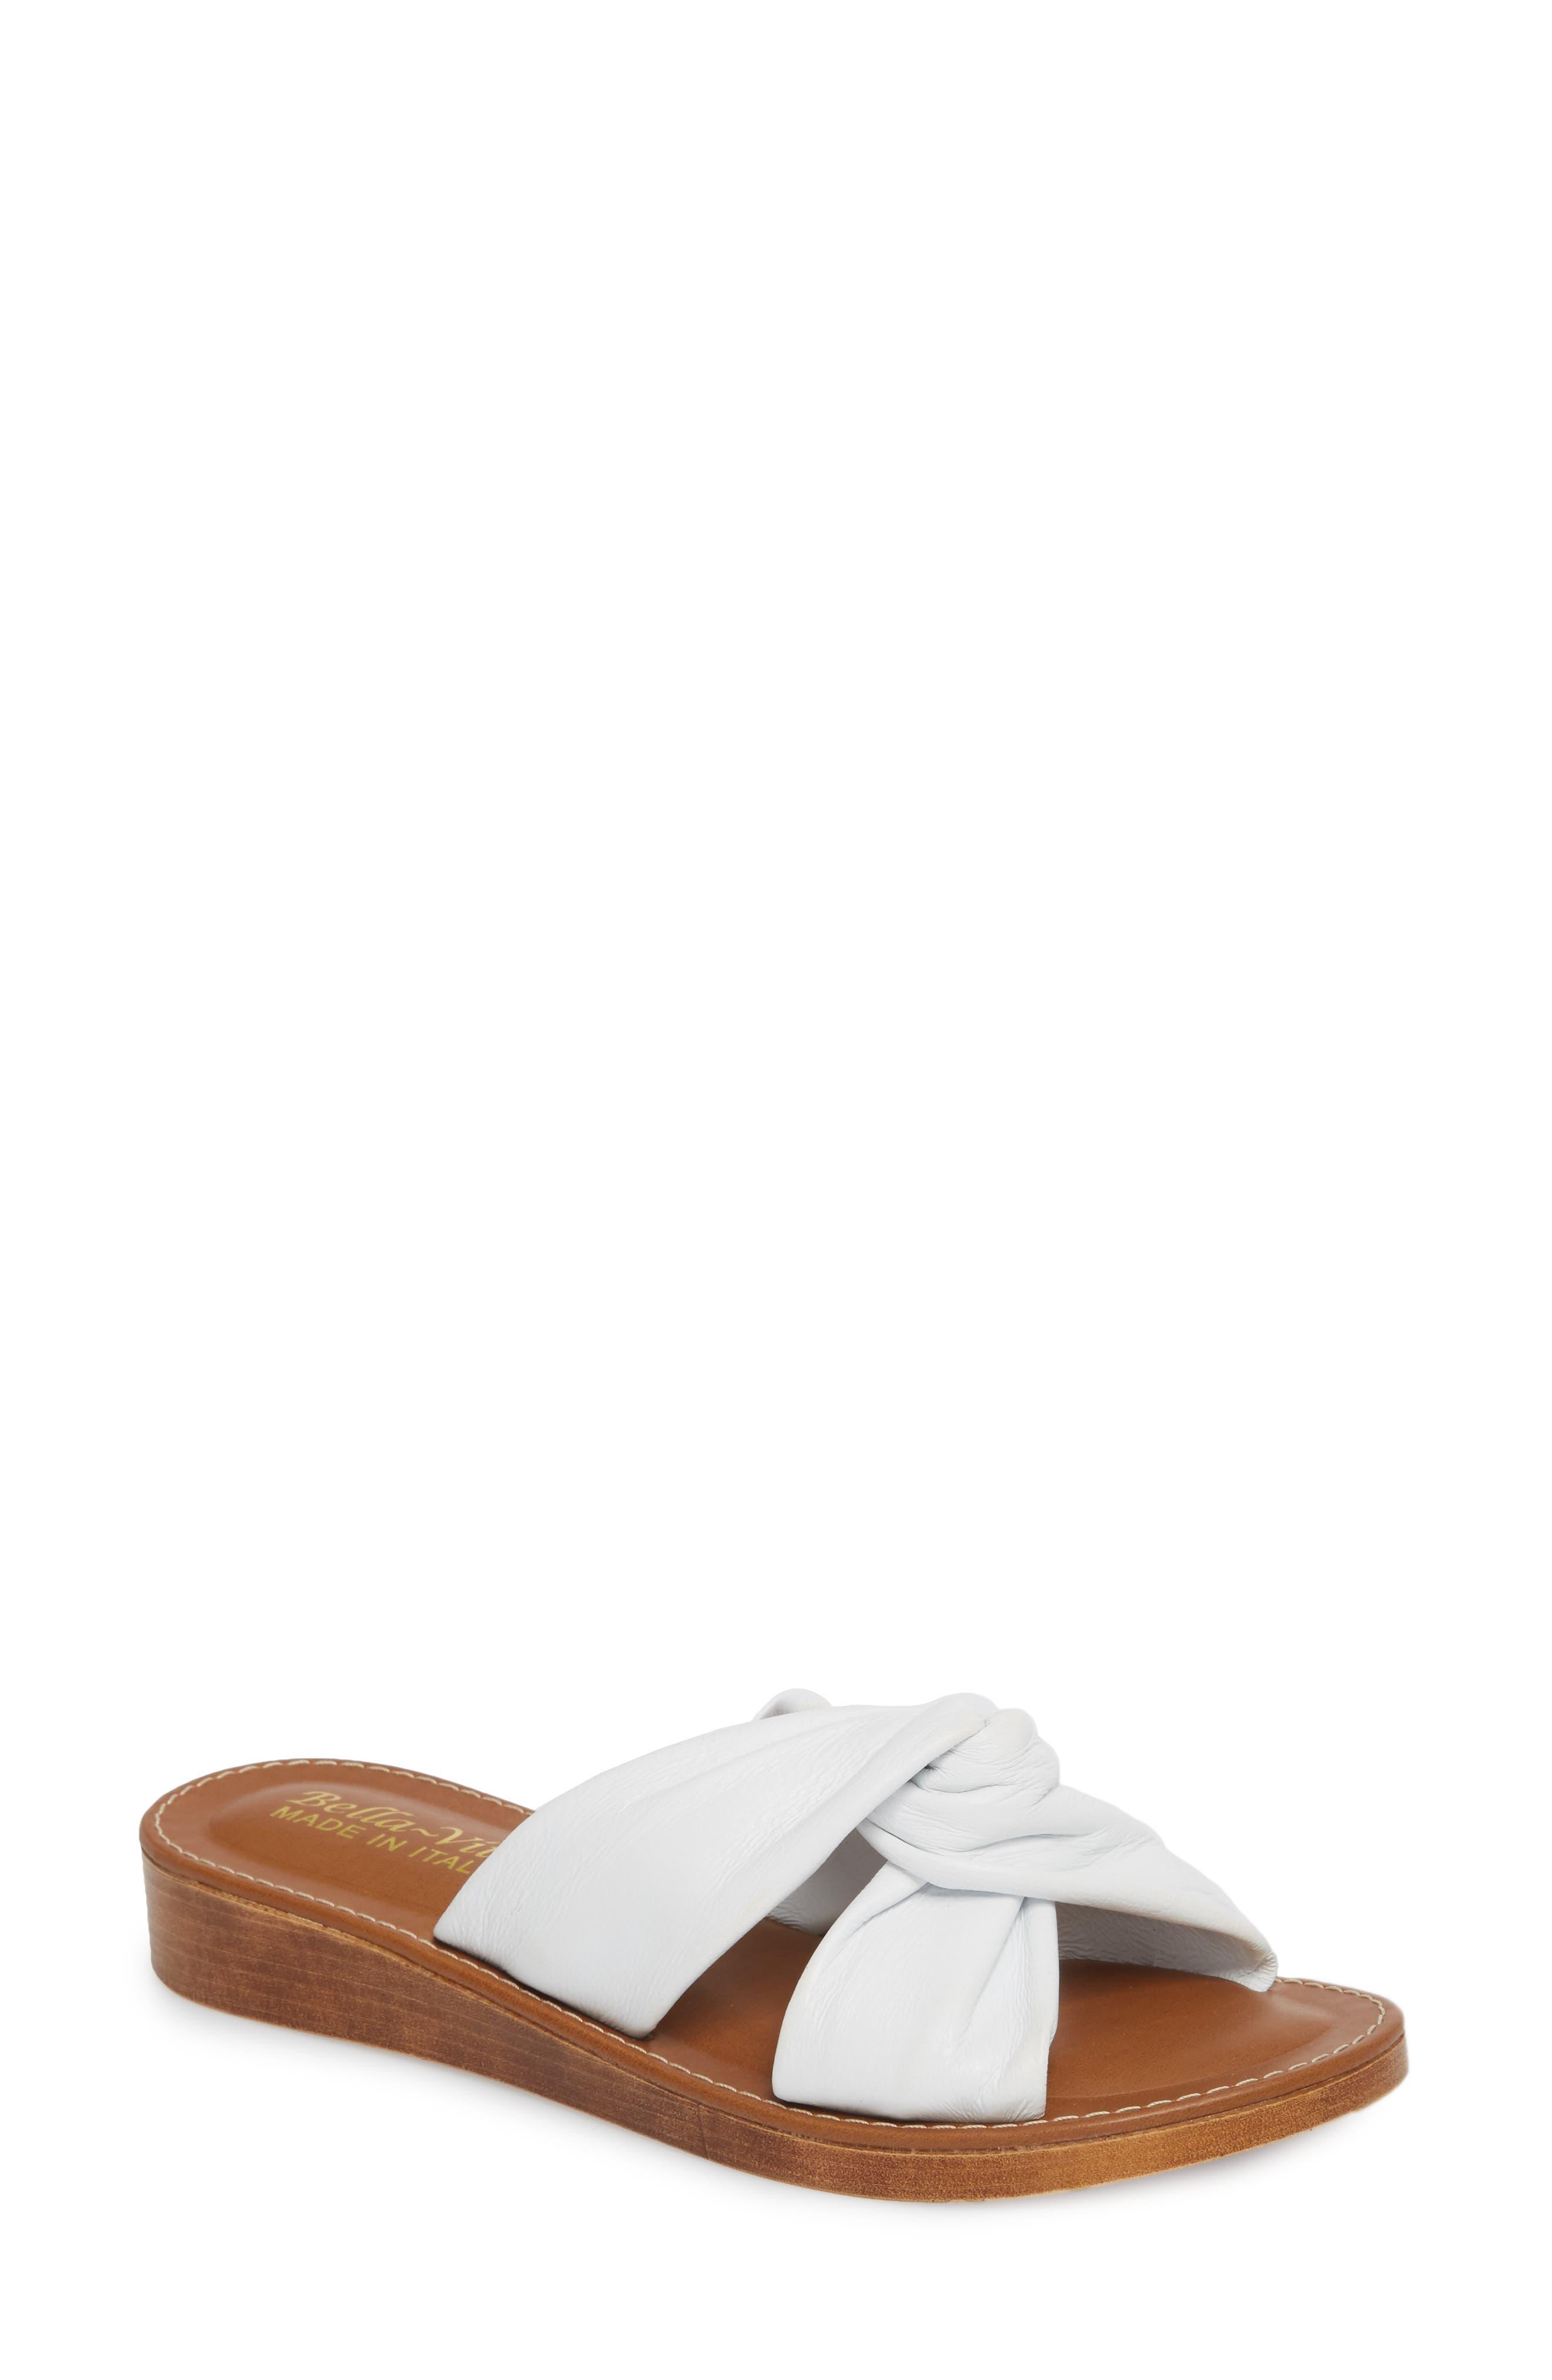 Noa Slide Sandal,                             Main thumbnail 1, color,                             White Leather